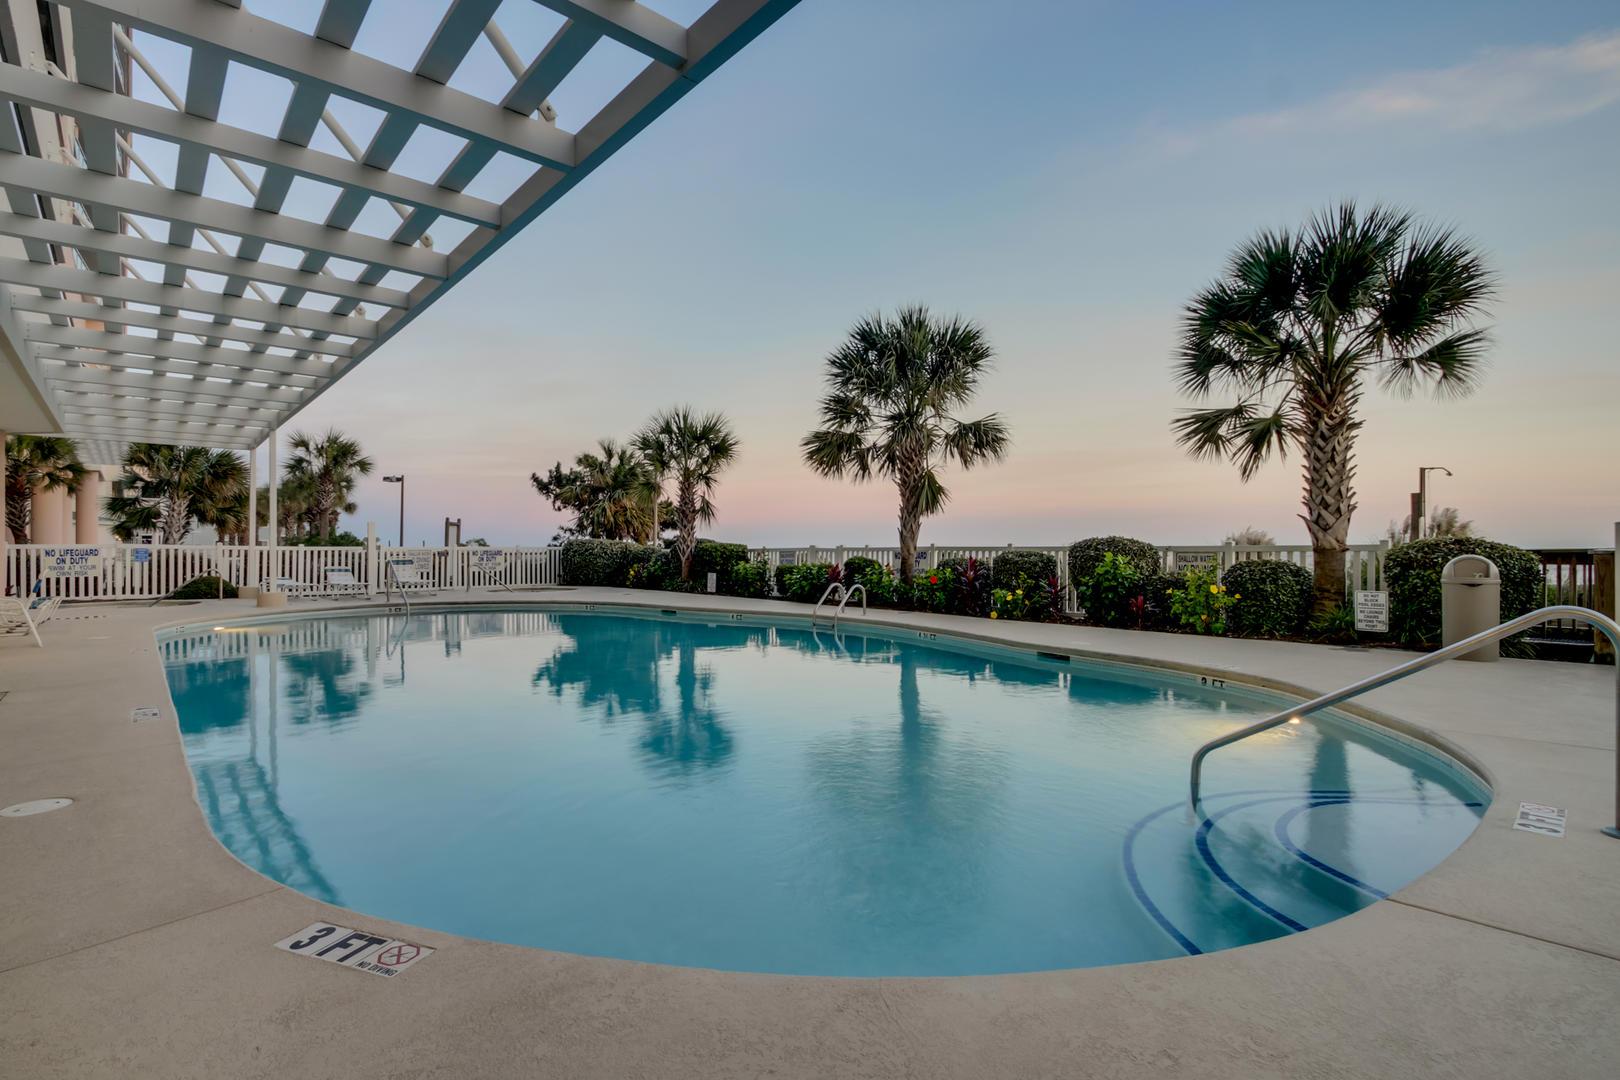 Blue Water Keyes - Outdoor Pool